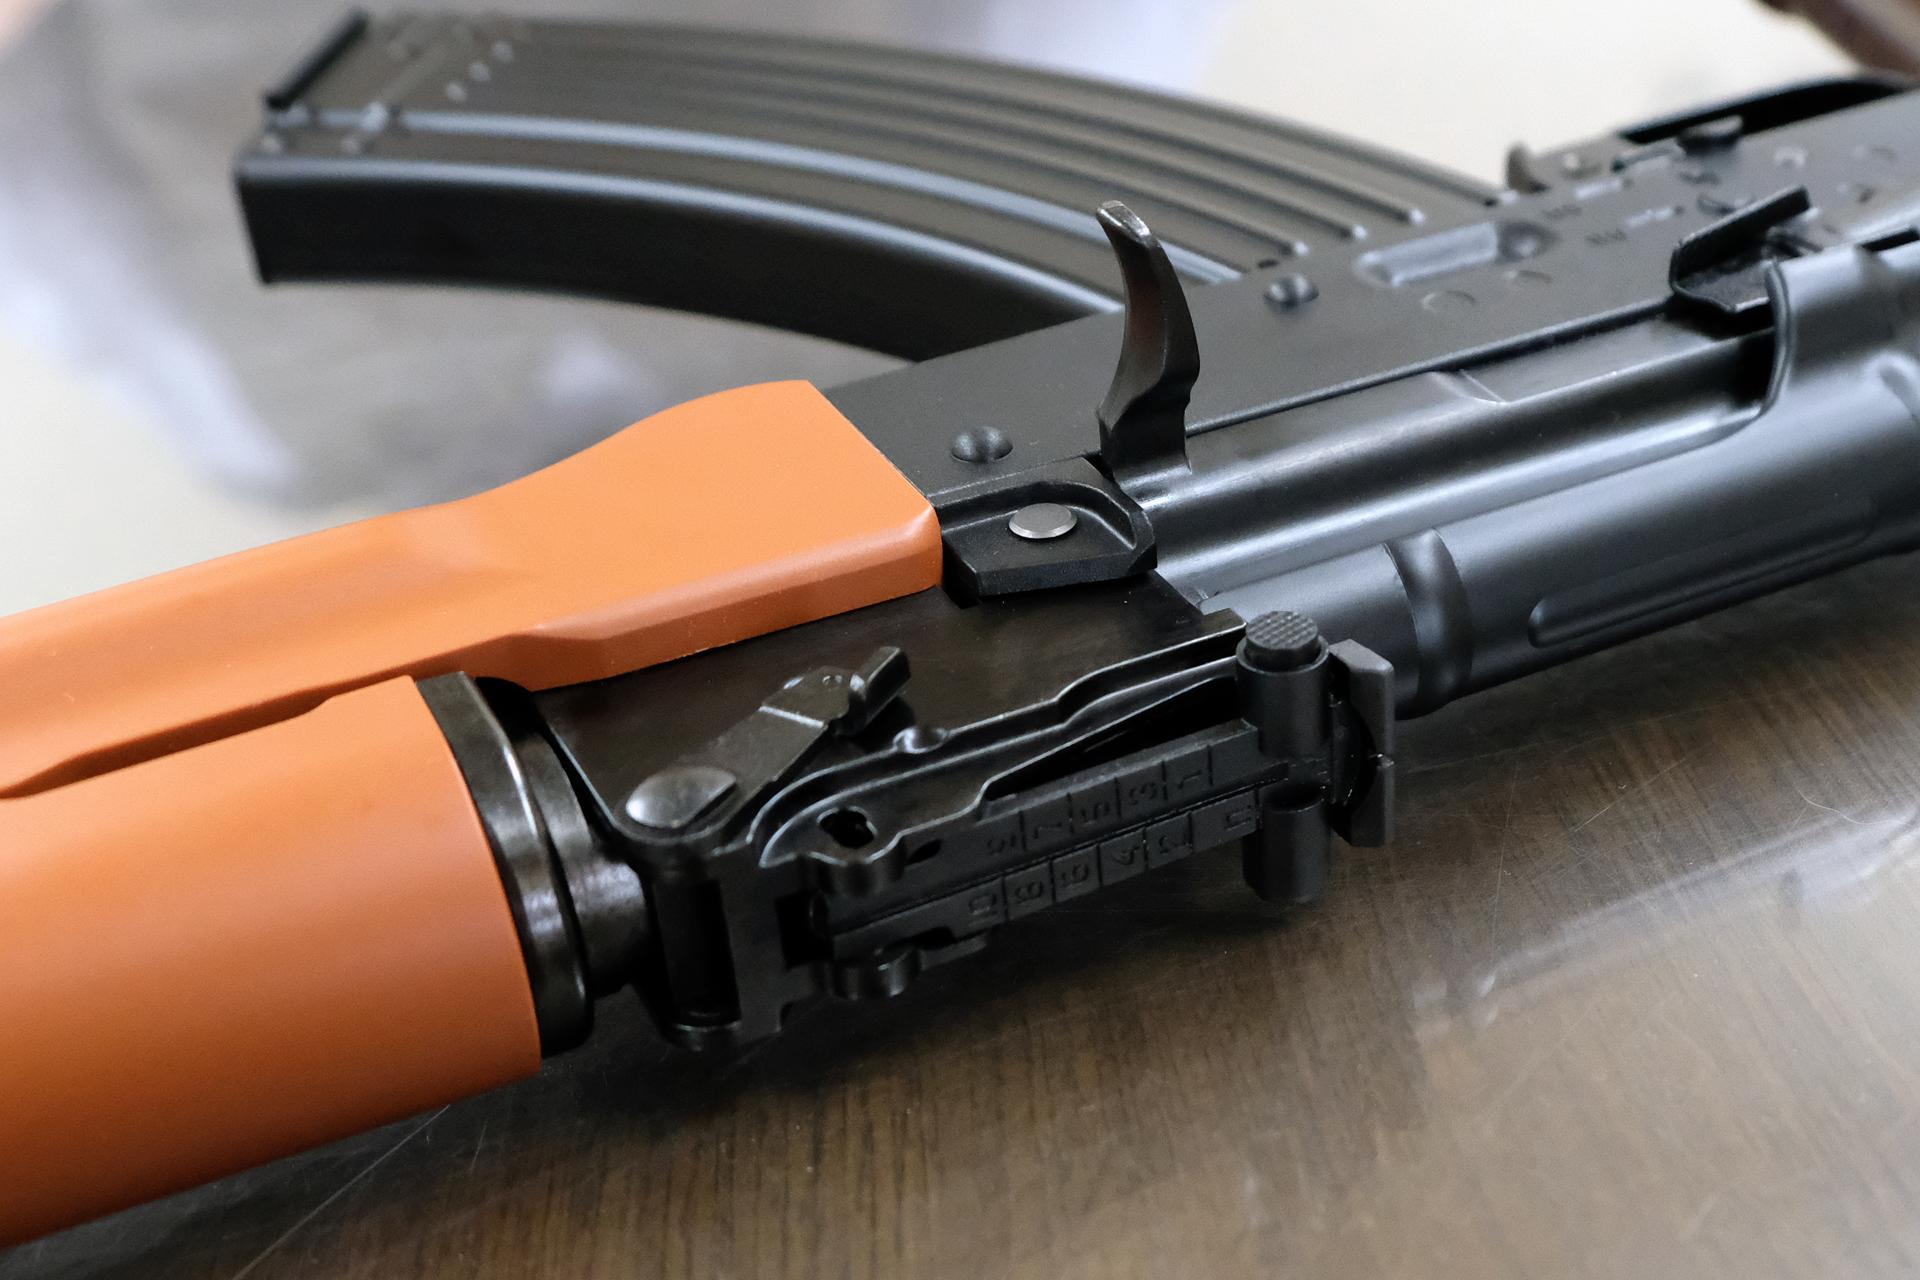 AK-47の800mからAKMは1000mにリアサイトの目盛りが変更された。エアソフトガンそこまでの射程はないが、当然忠実にしている